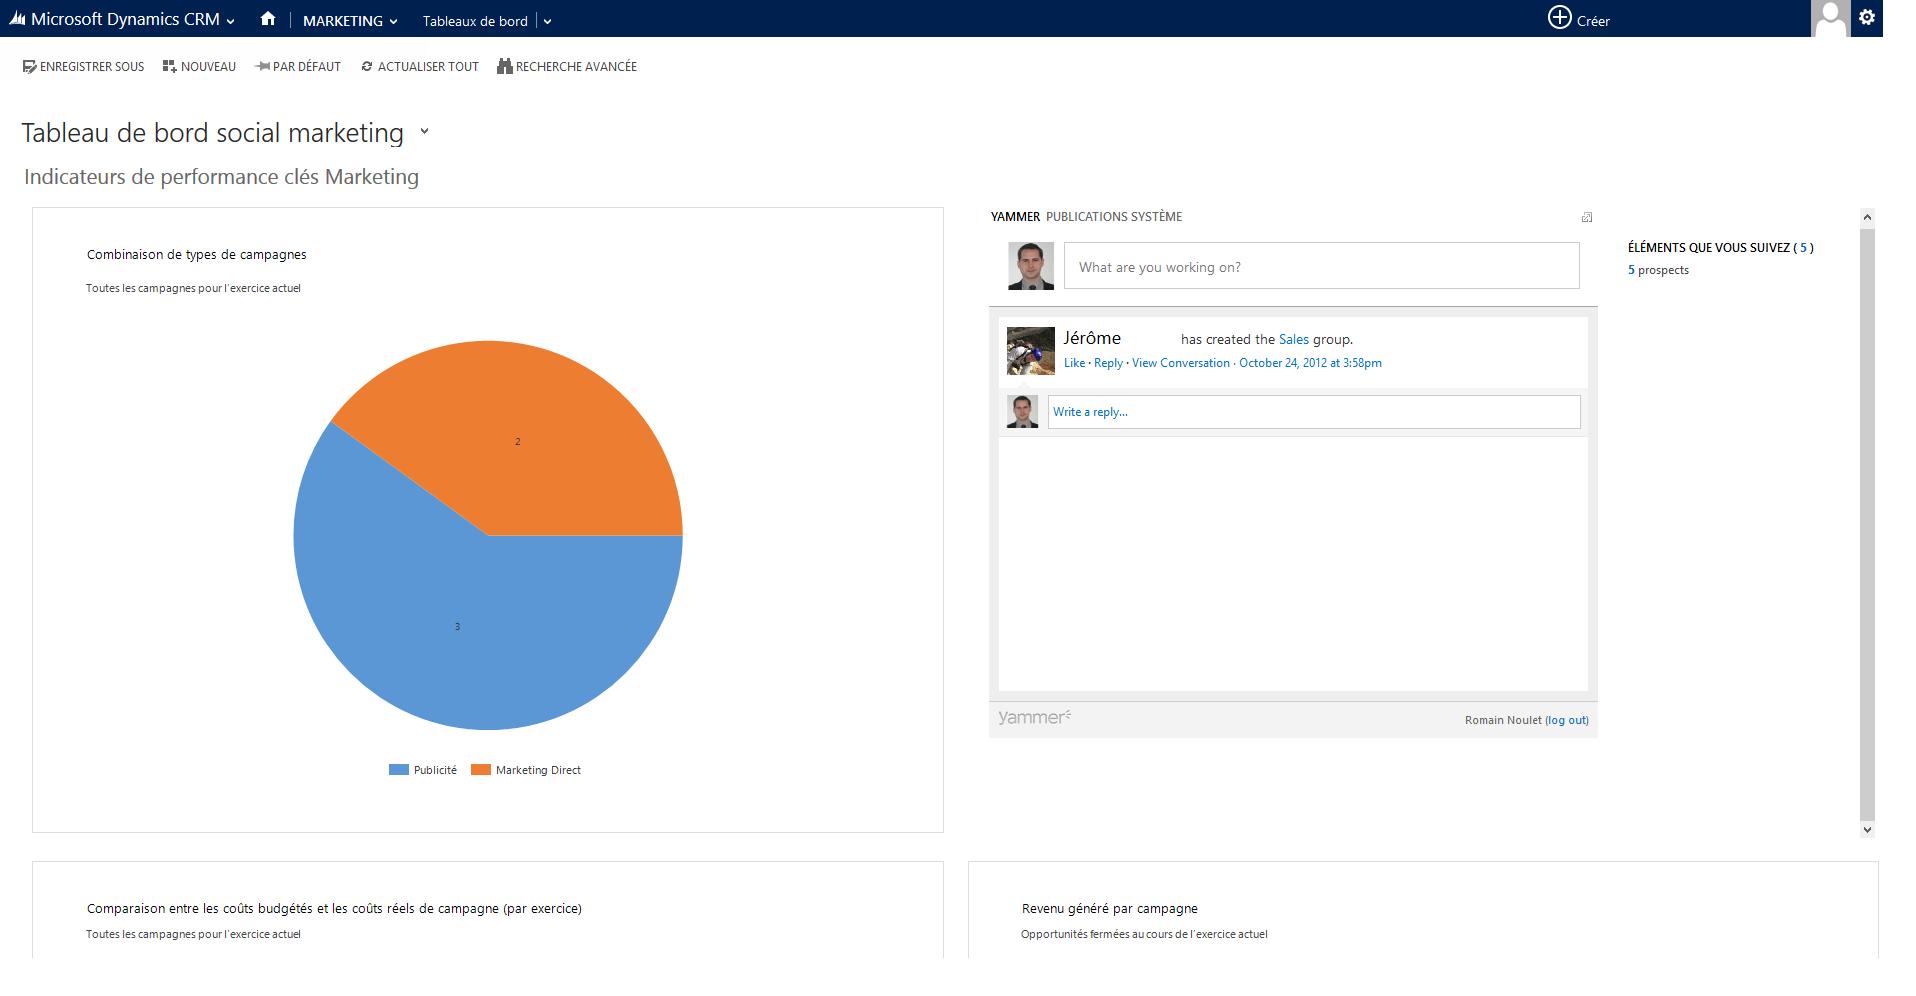 Microsoft Dynamics CRM: Type de contact, Assurance contre les pertes de données, Libellés